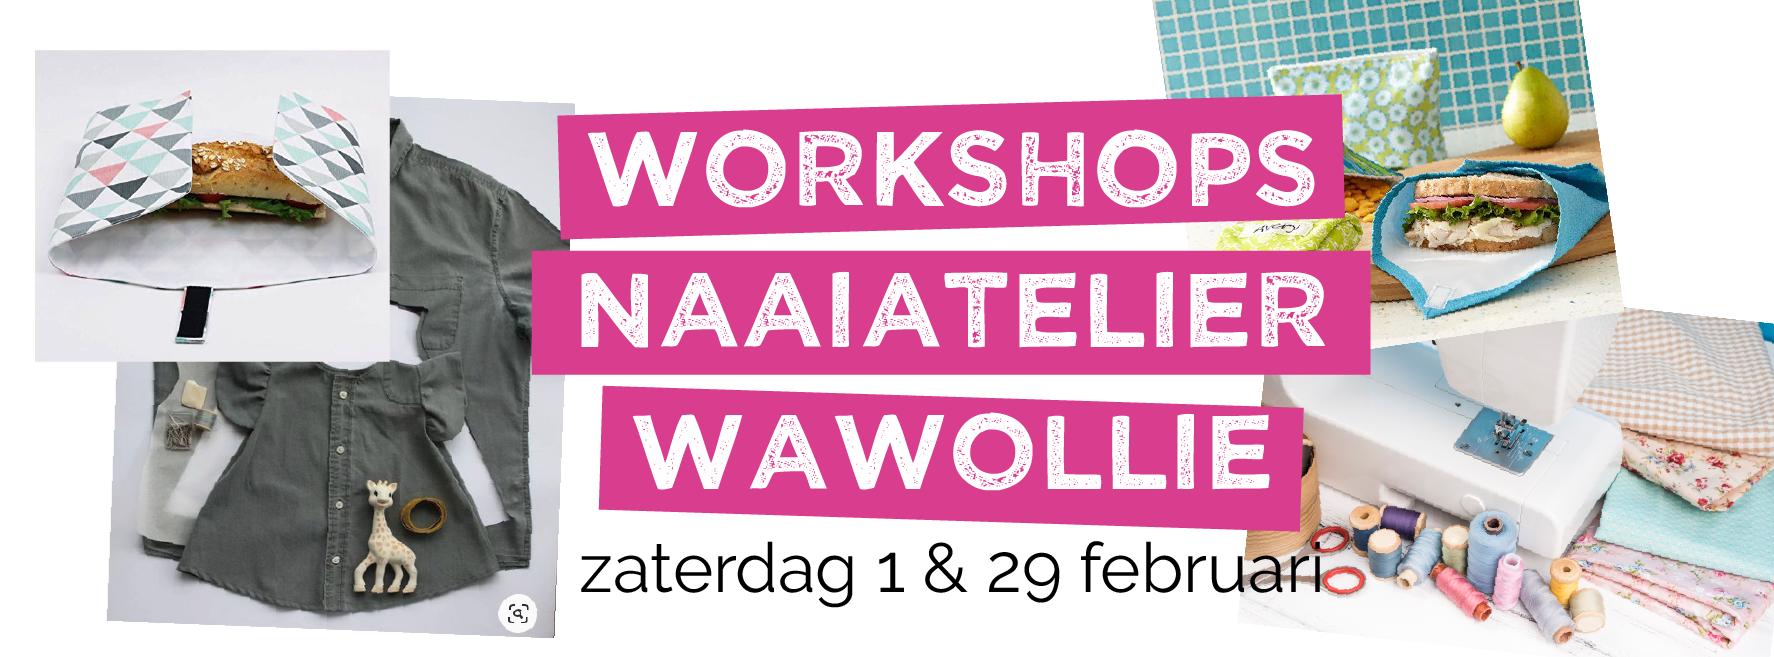 Doe mee aan de workshops van het naaiatelier